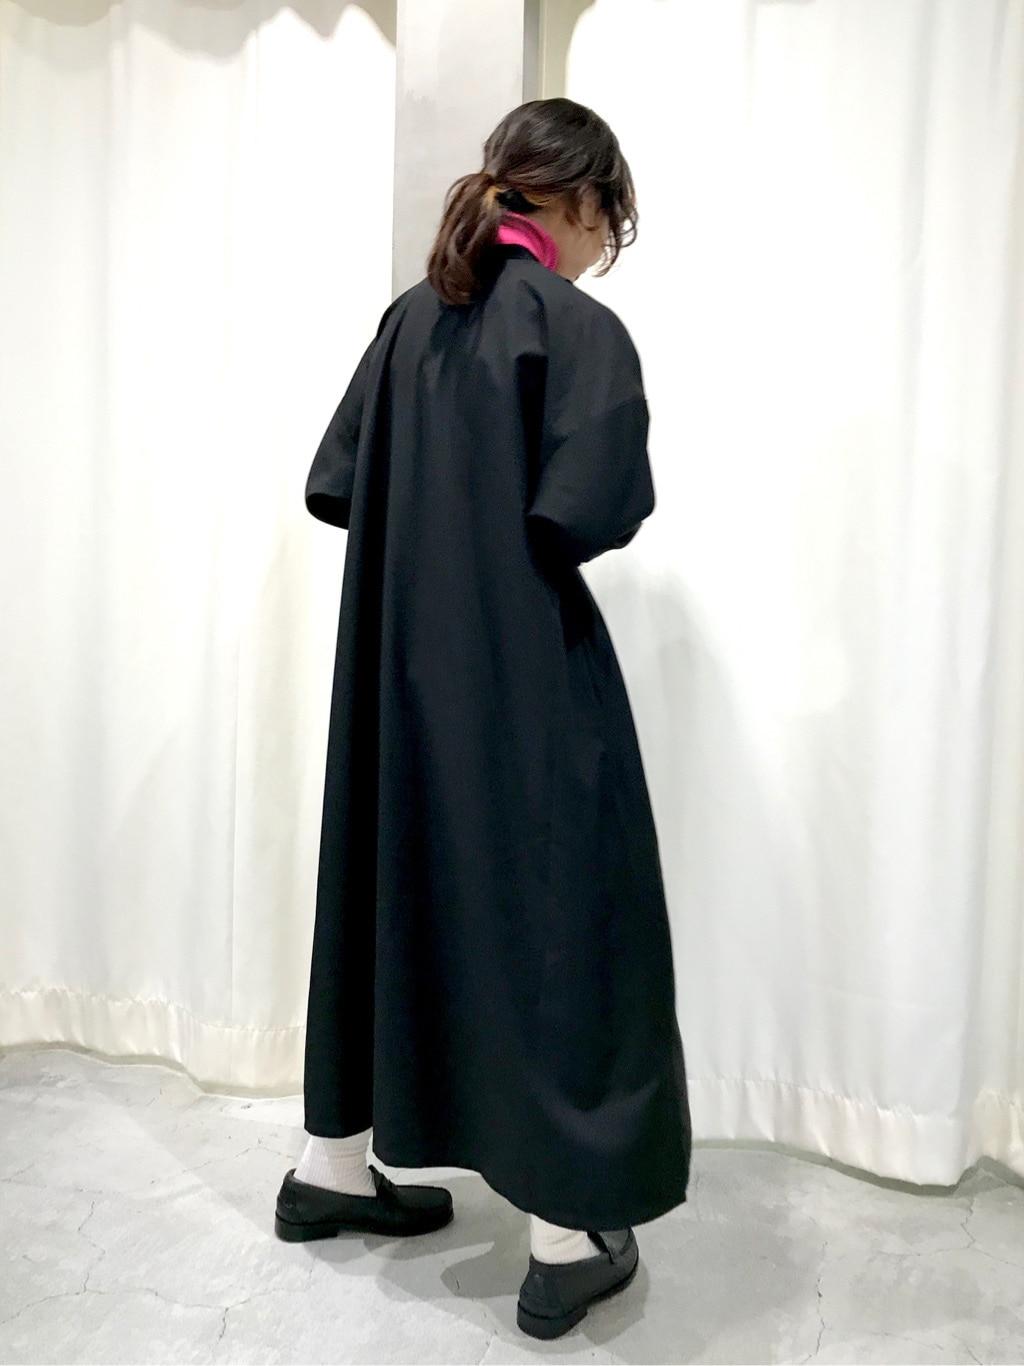 - PAR ICI CHILD WOMAN , PAR ICI ルミネ池袋 身長:154cm 2020.10.12